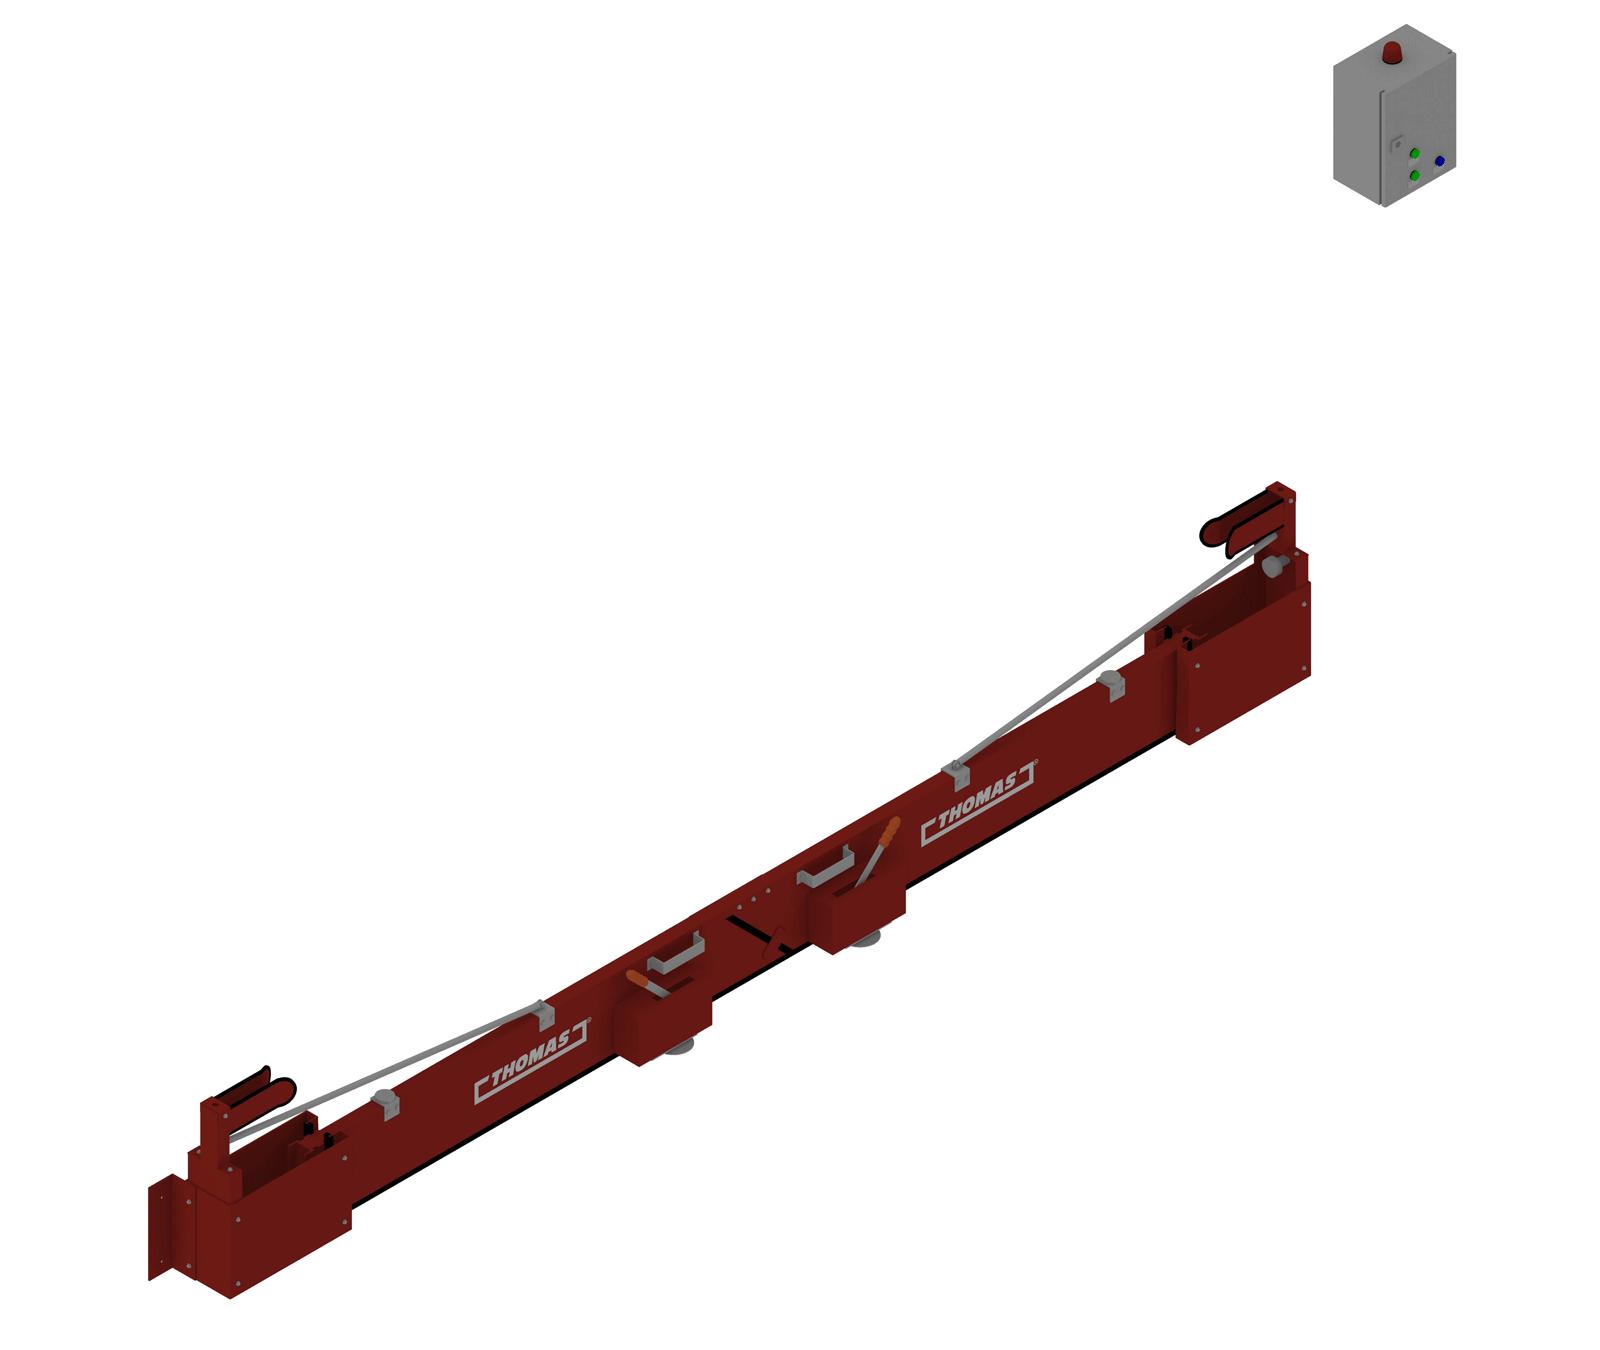 thomas-systech-automatische-barriere-beidseitig-vertikal-drehbar-manuelle-rueckstellung-geschlossen-1600×1350